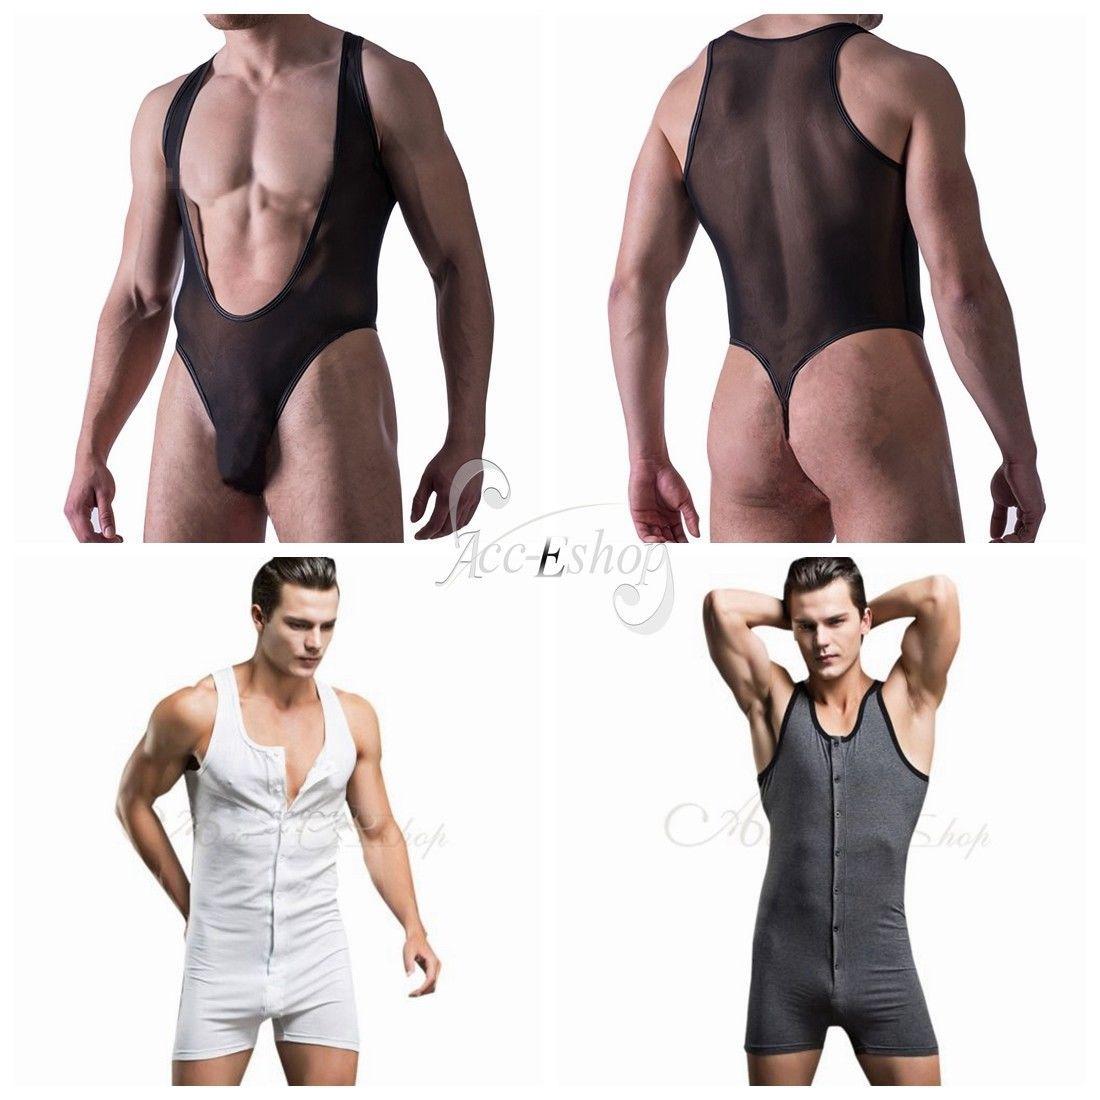 d271214a8c  3.75 - Mens Leotard Thong Underwear Sheer Mesh Bodysuit Jumpsuit Swimsuit  Lingerie Vest  ebay  Fashion